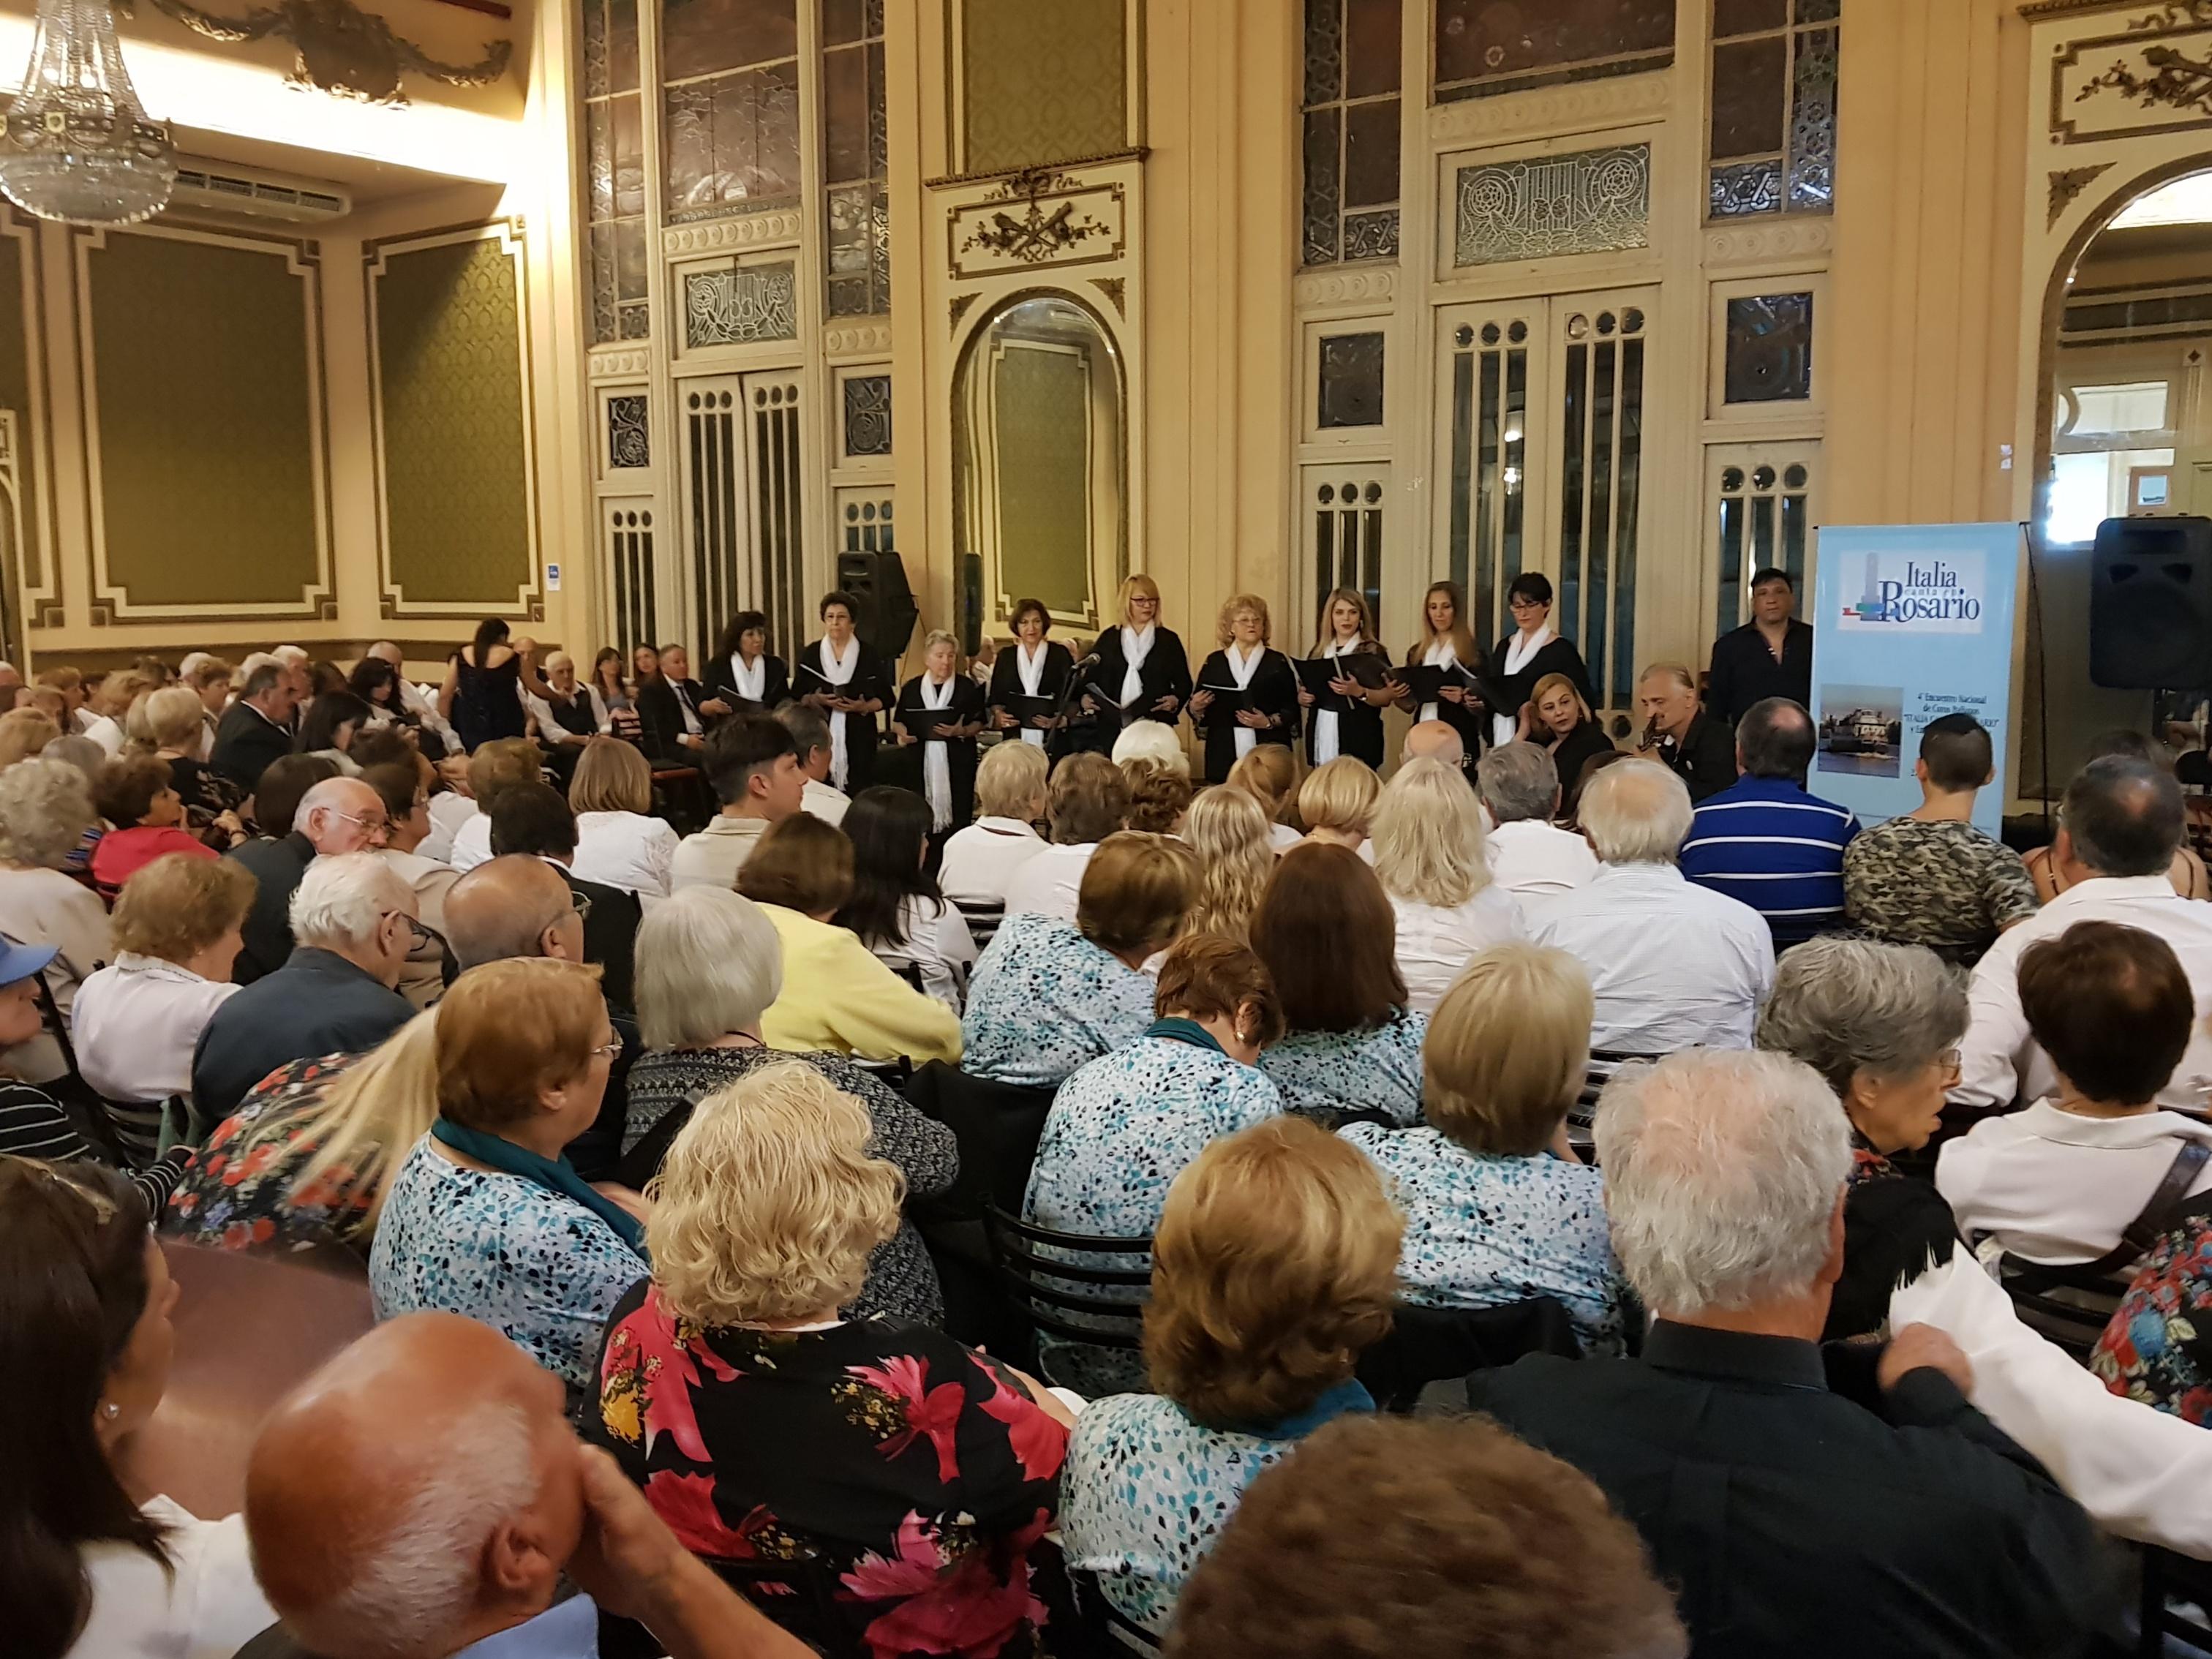 Italia canta cuenta con el respaldo de diversas asociaciones rosarinas.